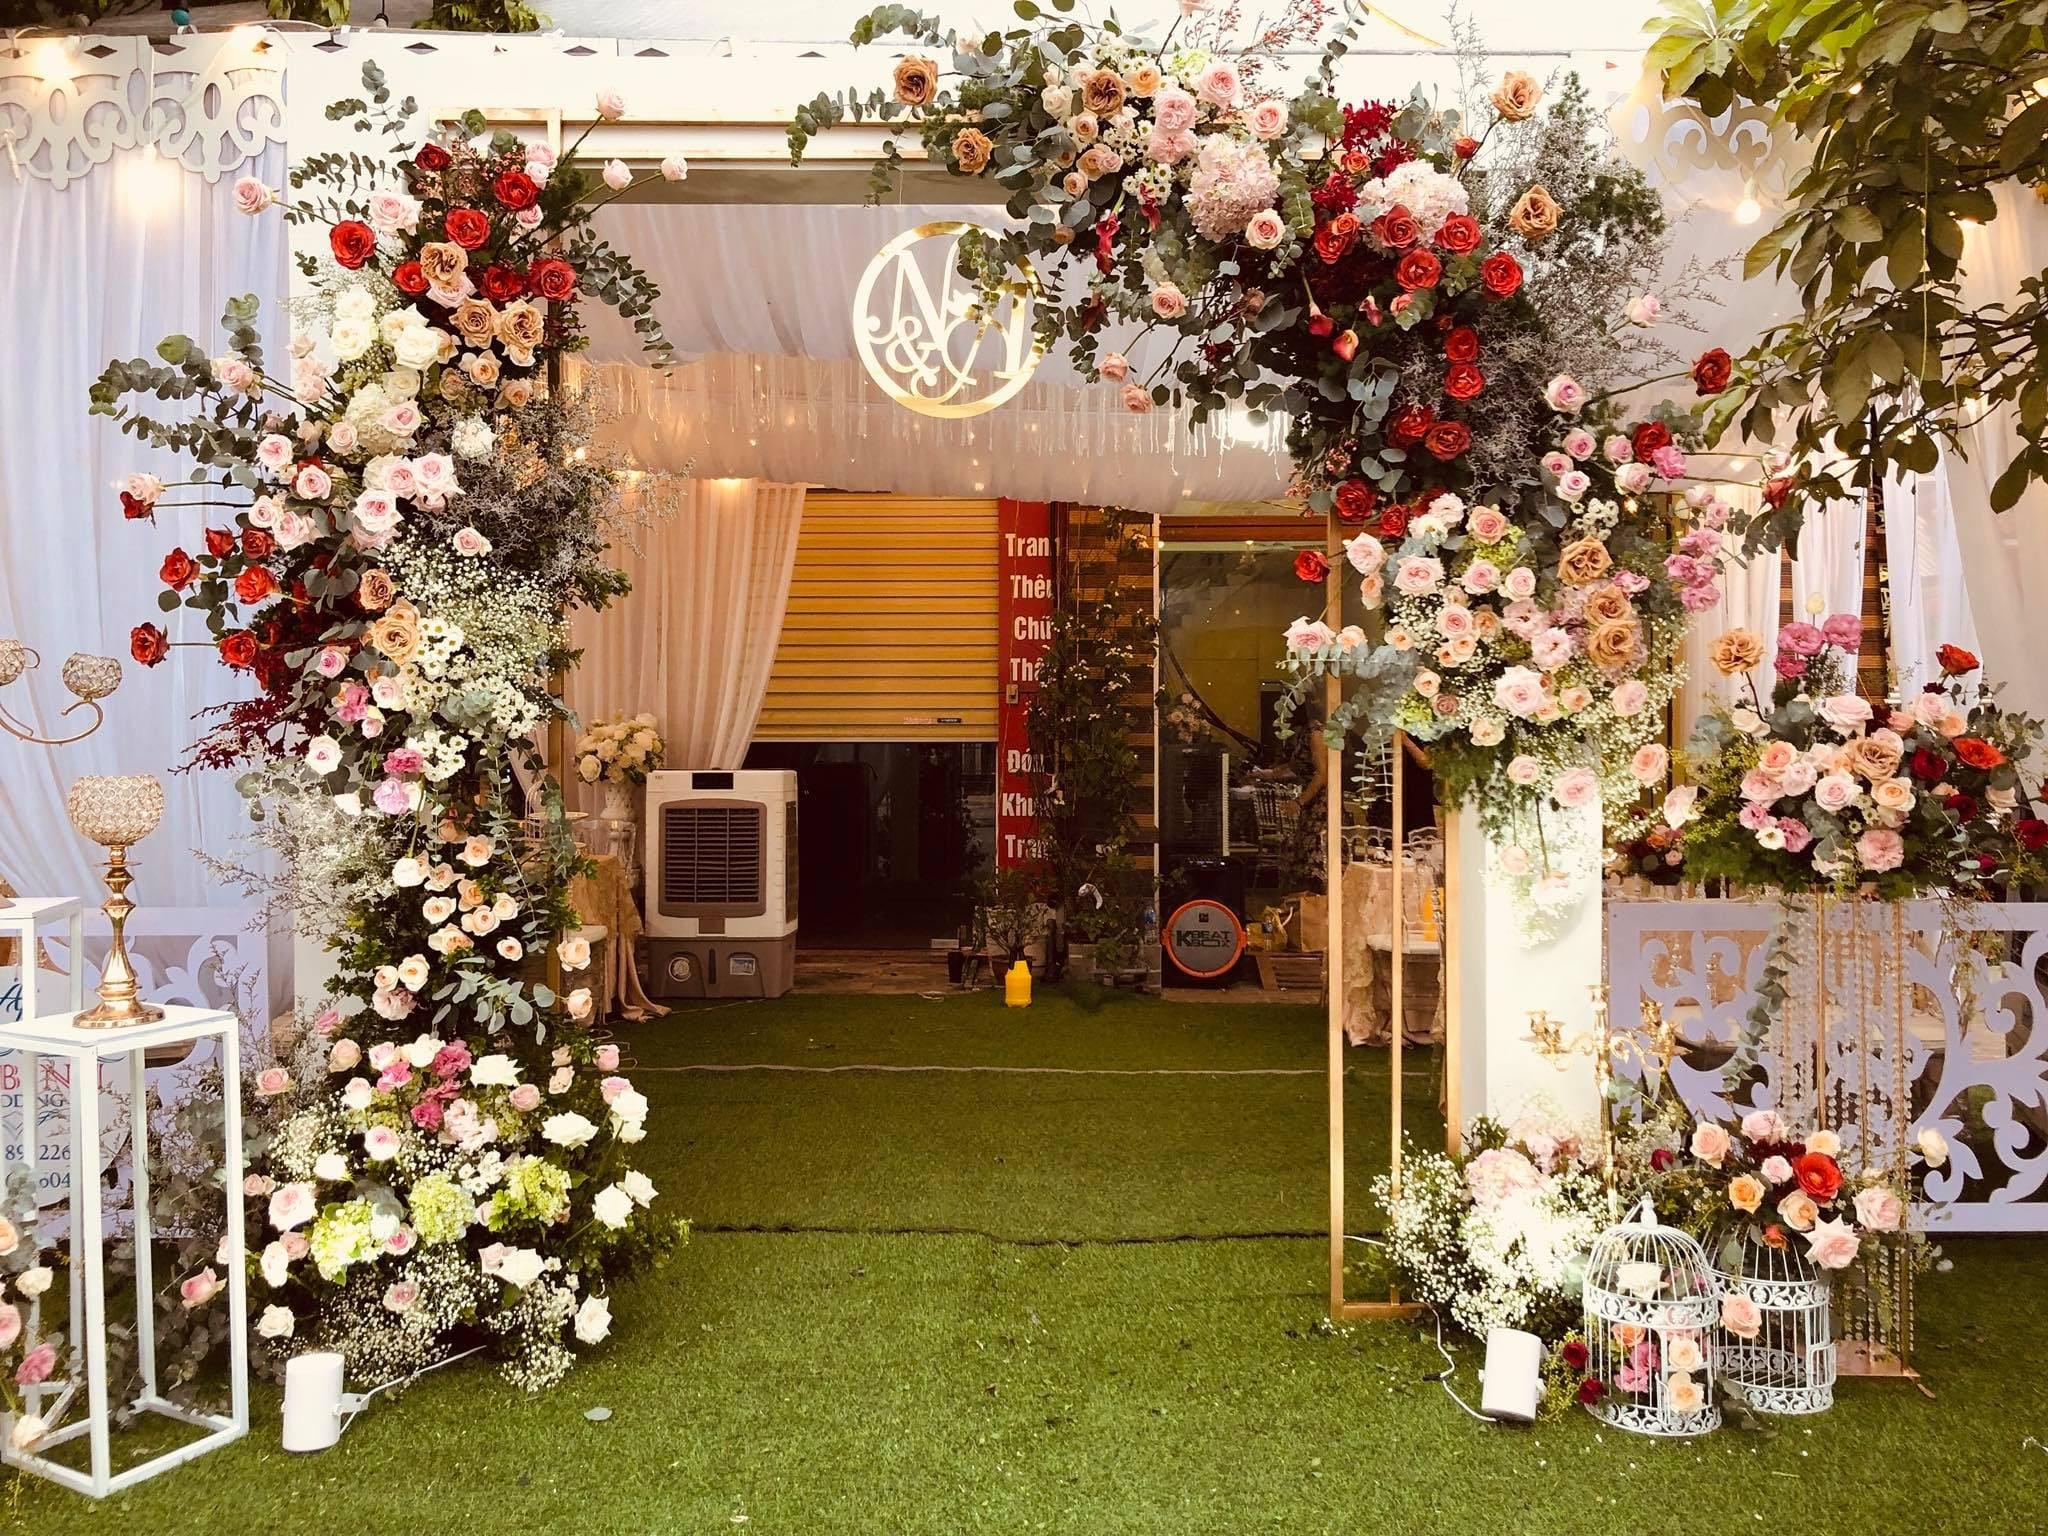 Mẫu cổng cưới trang trí kiểu hiện đại